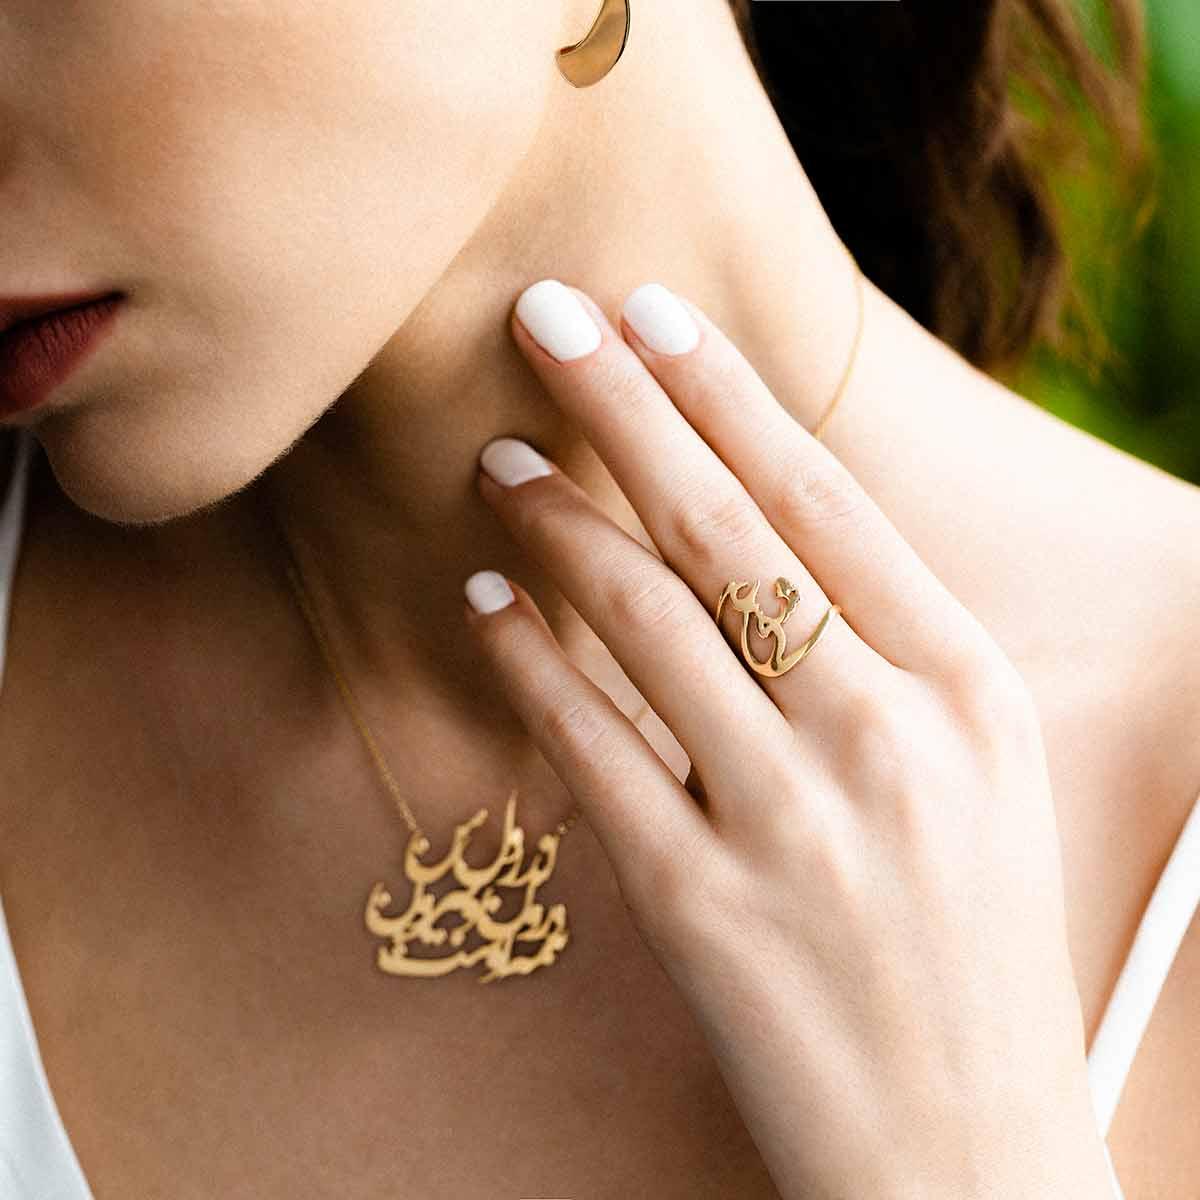 انگشتر طلا عشق